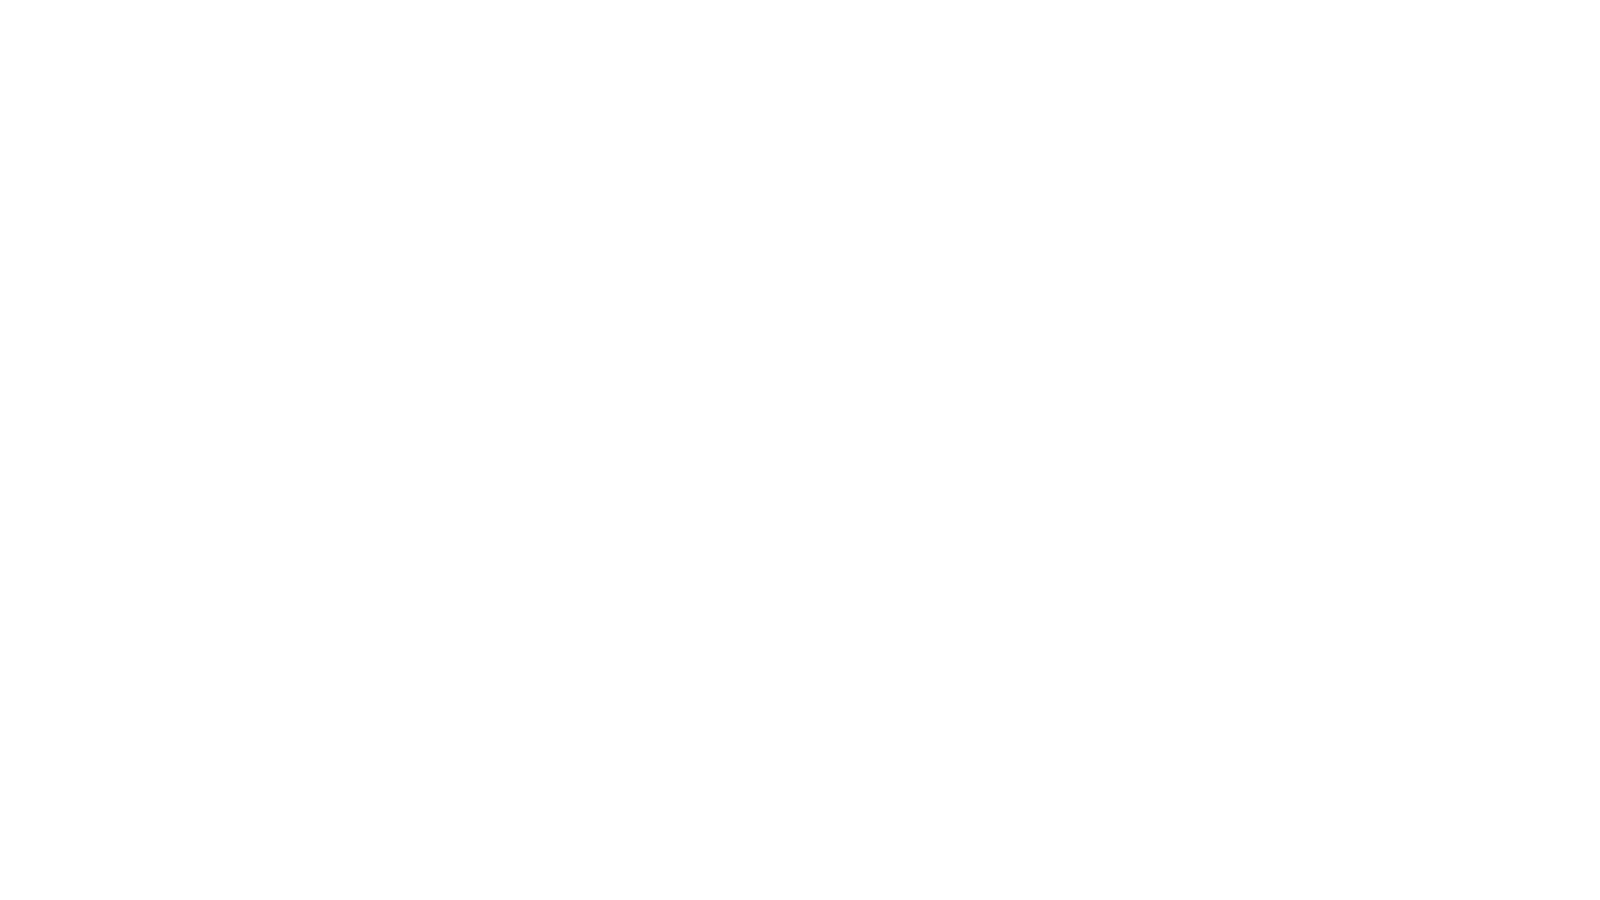 Le Siciliane è un movimento spontaneo nato ad inizio anno dopo l'esclusione delle donne dalla giunta regionale di Nello Musumeci. Partiremo proprio da qui, insieme alle nostre ospiti Maria Pia Erice e Lucia Lauro, per approfondire i temi della rappresentanza di genere, delle politiche sociali, di disparità sociali e soprattutto di come impegnarsi per costruire una politica delle donne.